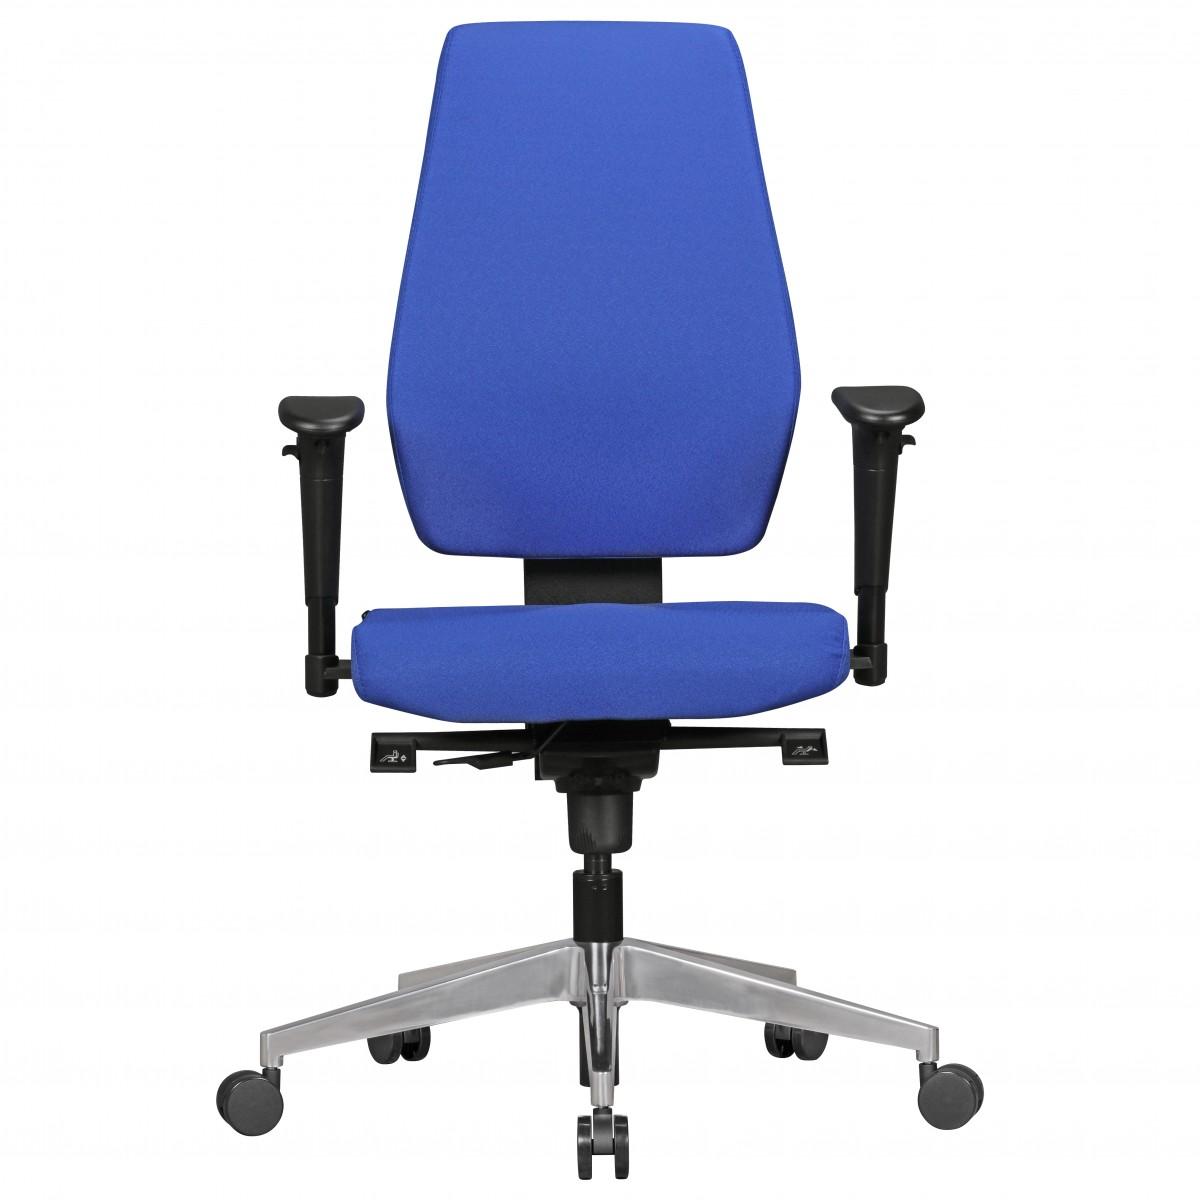 Opdateret Hvor finder man det bedste udsalg på kontorstole? MZ02